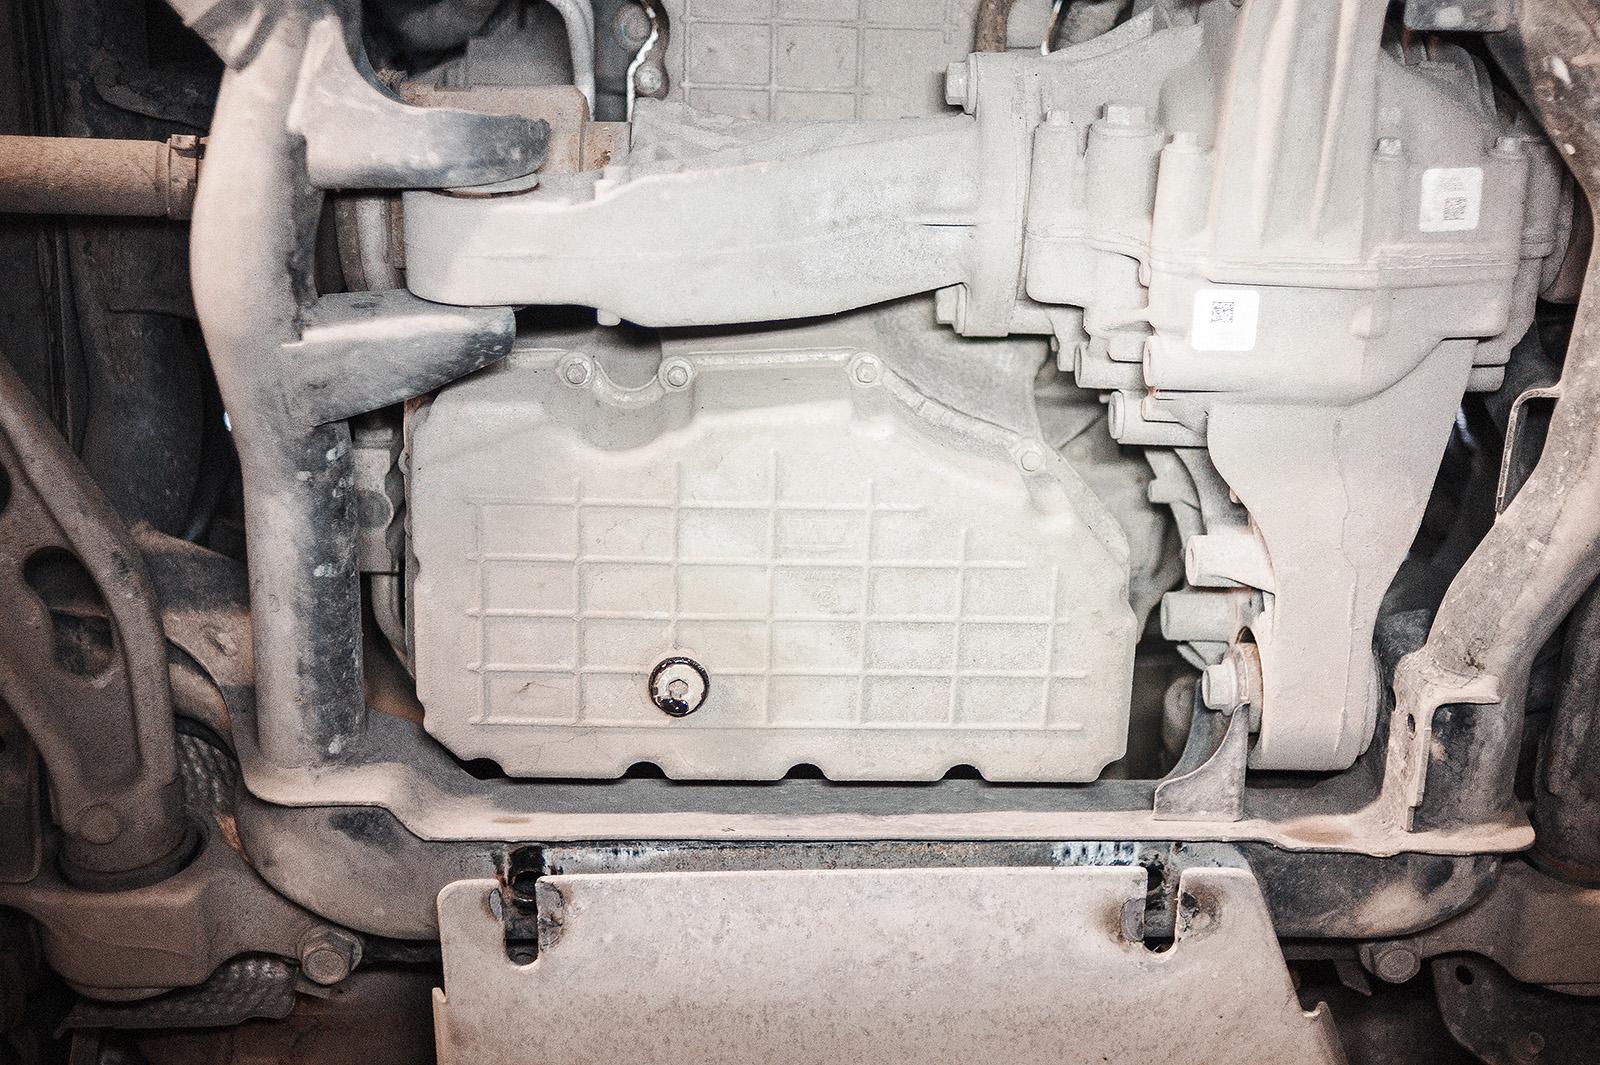 Сливное отверстие поддона двигателя Джип Гранд Чероки